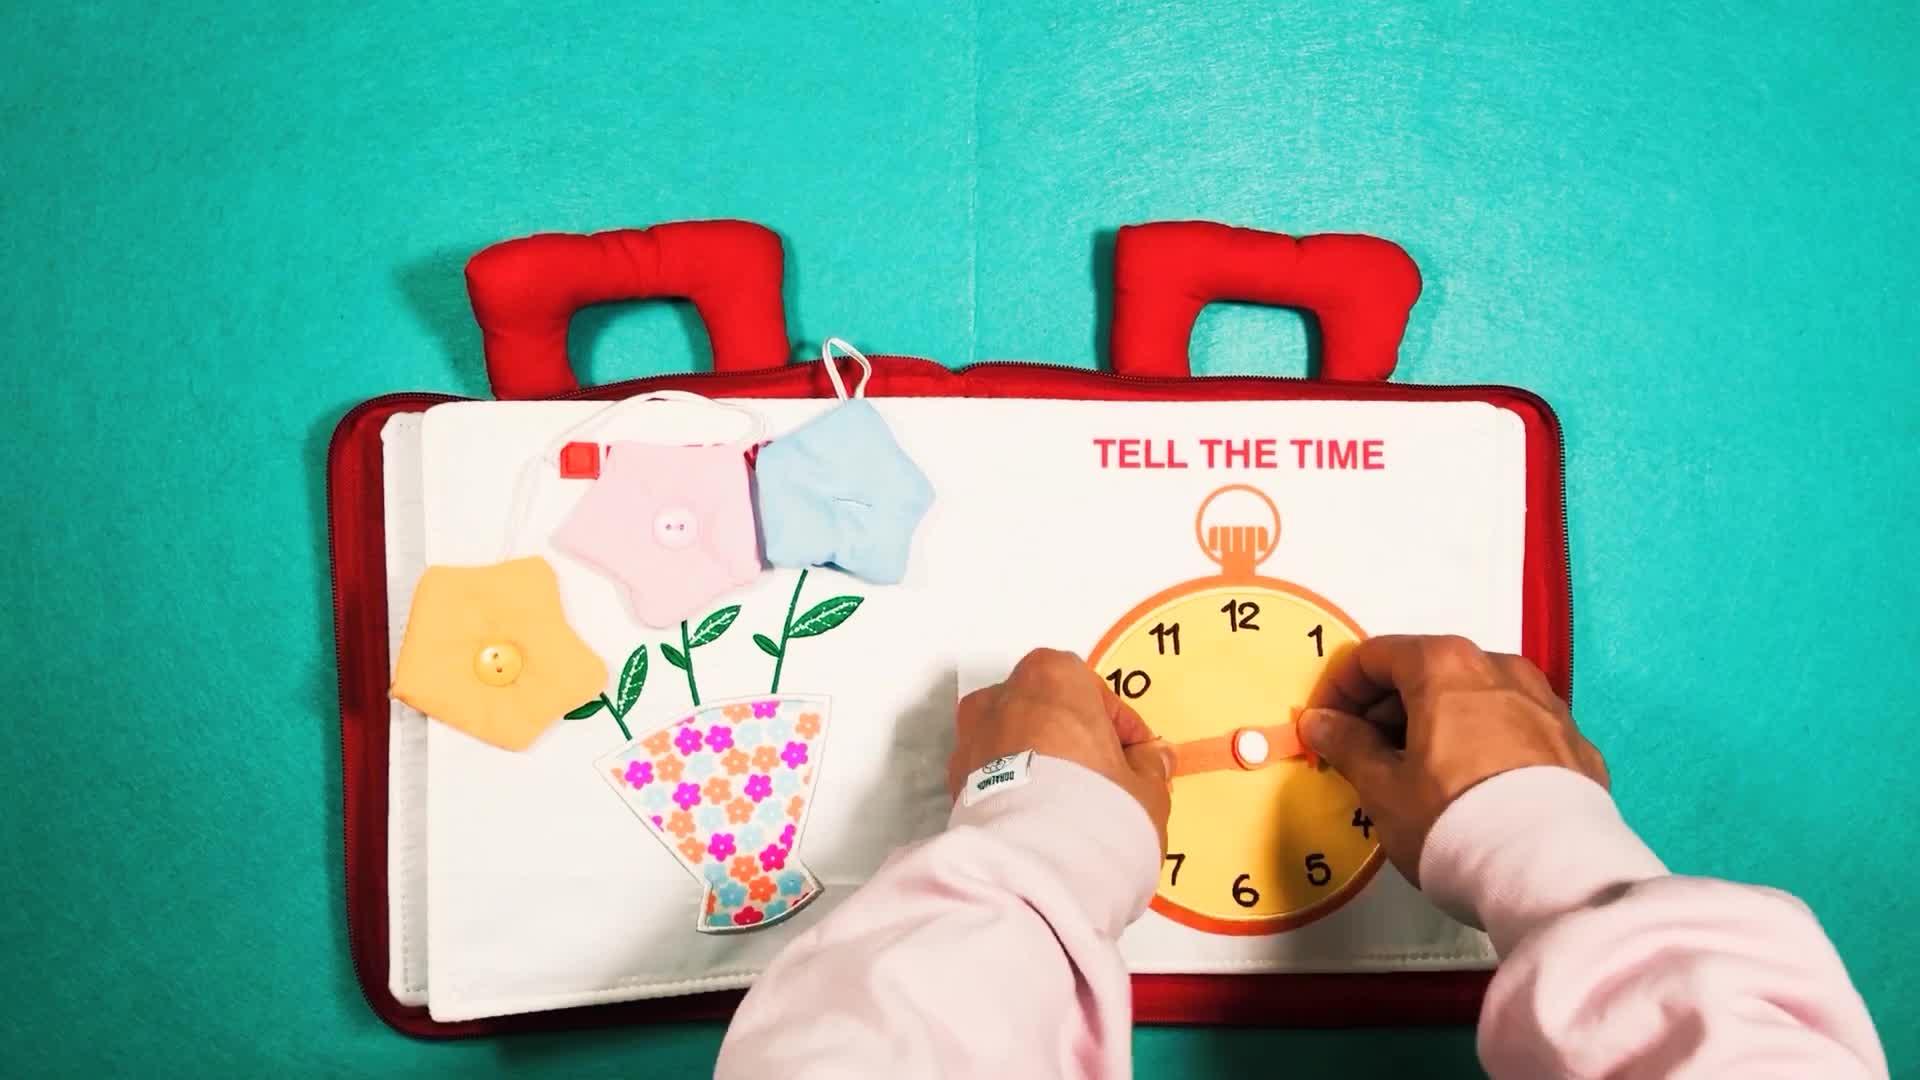 كتاب أطفال جديد ناعم أول كتاب كتب قماشية التعليم المبكر كتاب هادئ